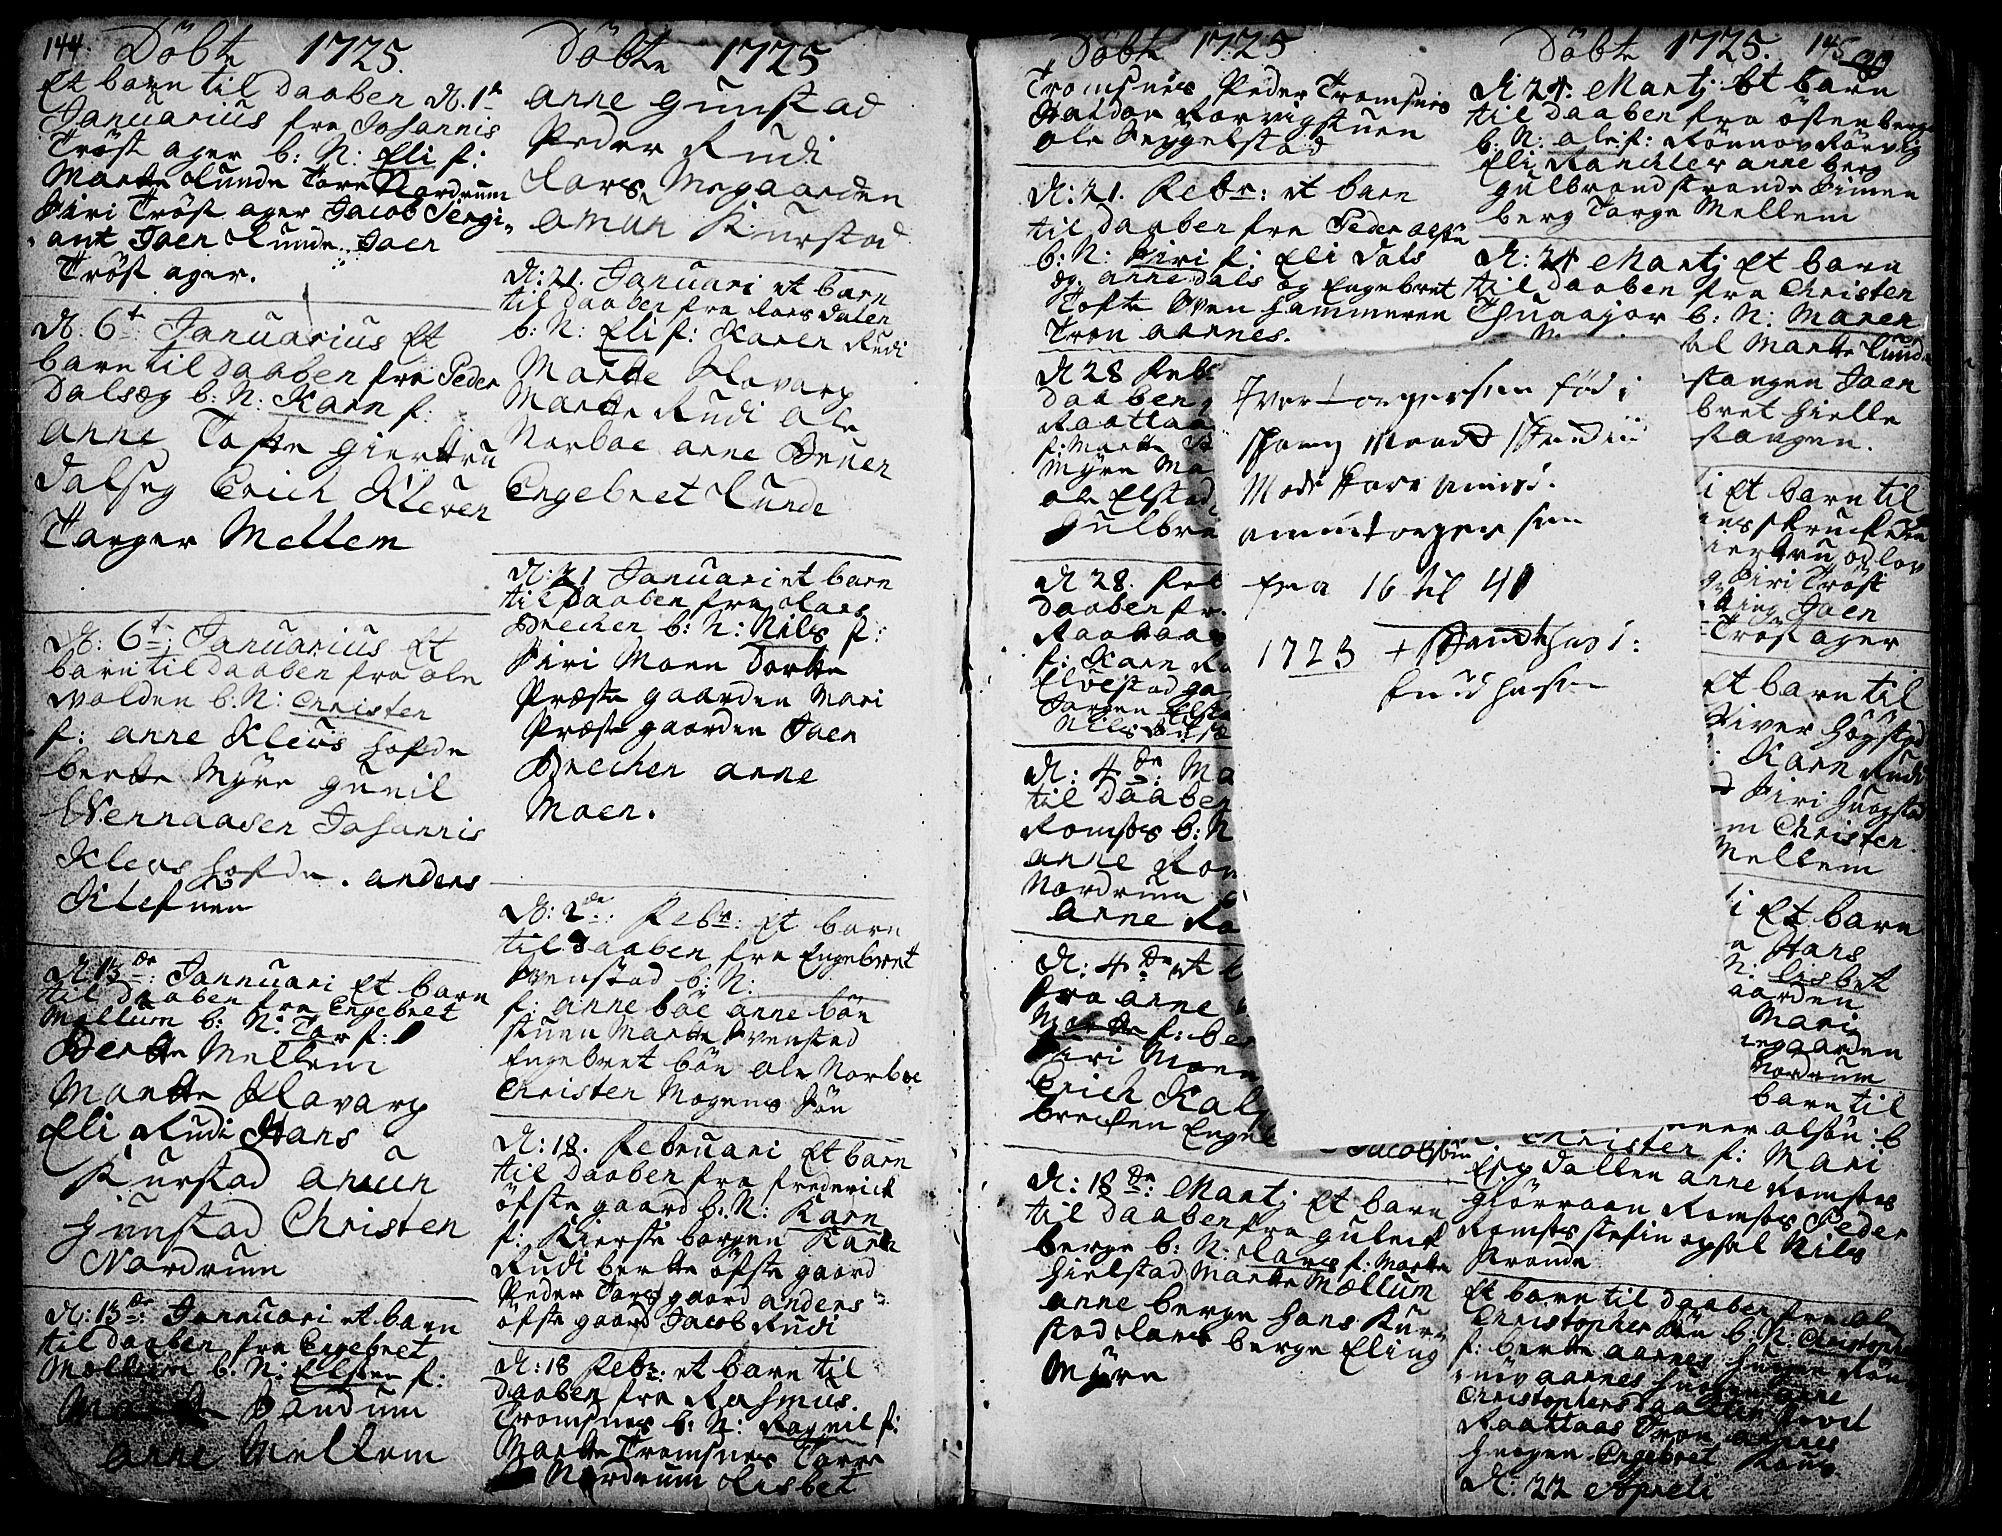 SAH, Ringebu prestekontor, Parish register (official) no. 1, 1696-1733, p. 144-145